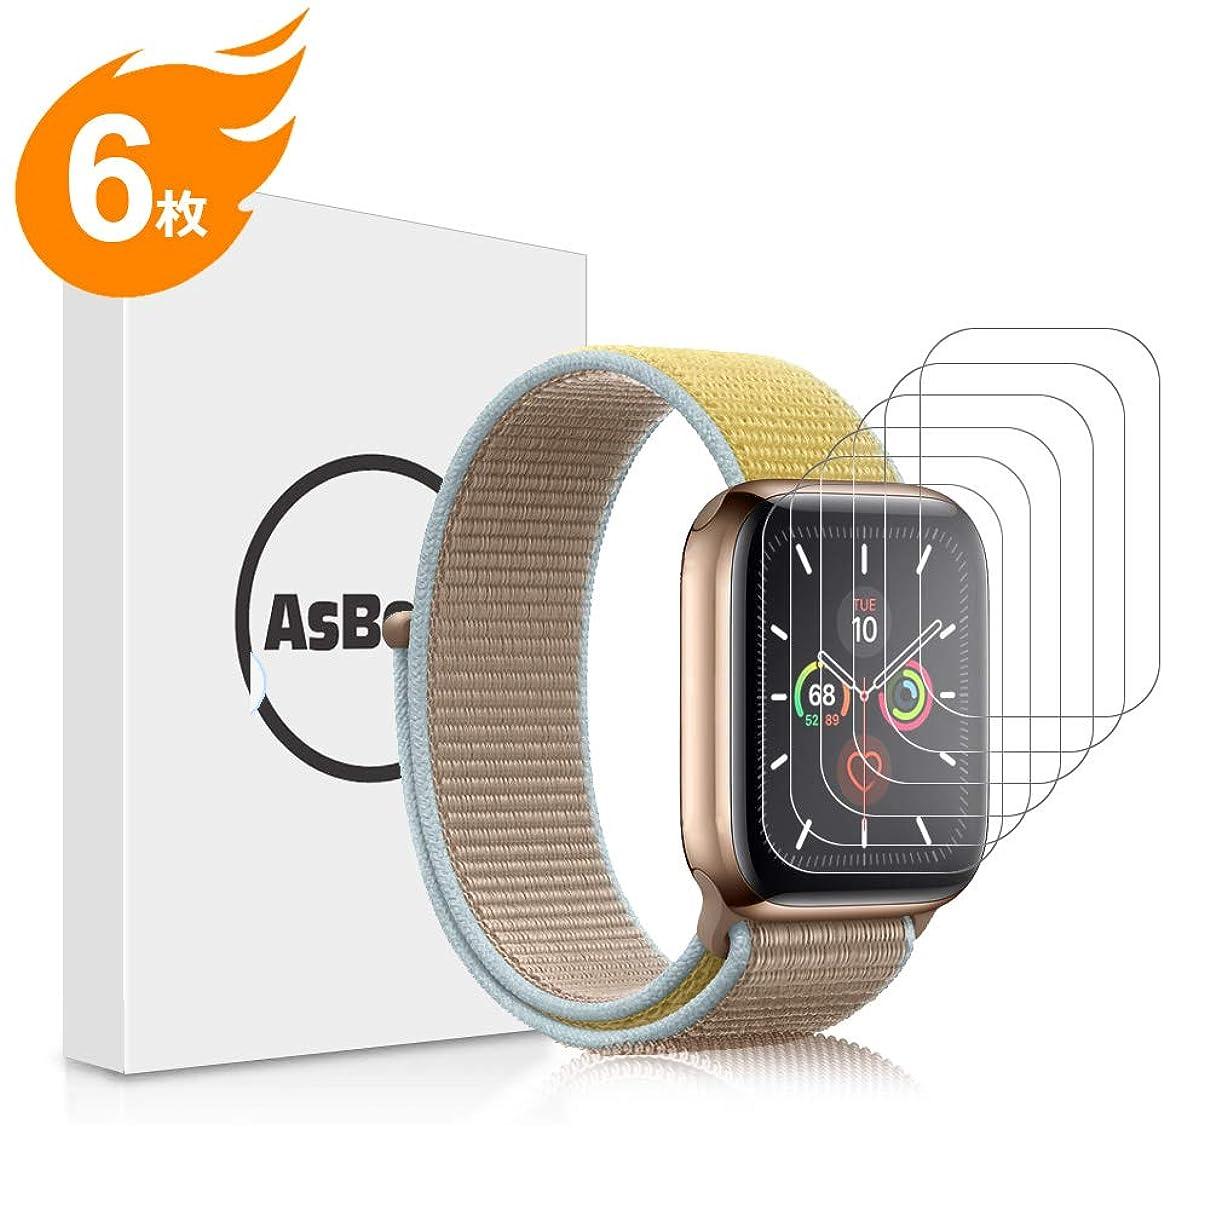 メロディー遠いシーンAsBellt Apple Watch Series 5 /Series 4 フィルム Apple Watch 44mm フィルム 全面保護 貼付簡単 スムースタッチ 気泡なし99%高透過率 ケースと併用できる TPU素材 アップルウォッチ フィルム (Series 4 44mm)